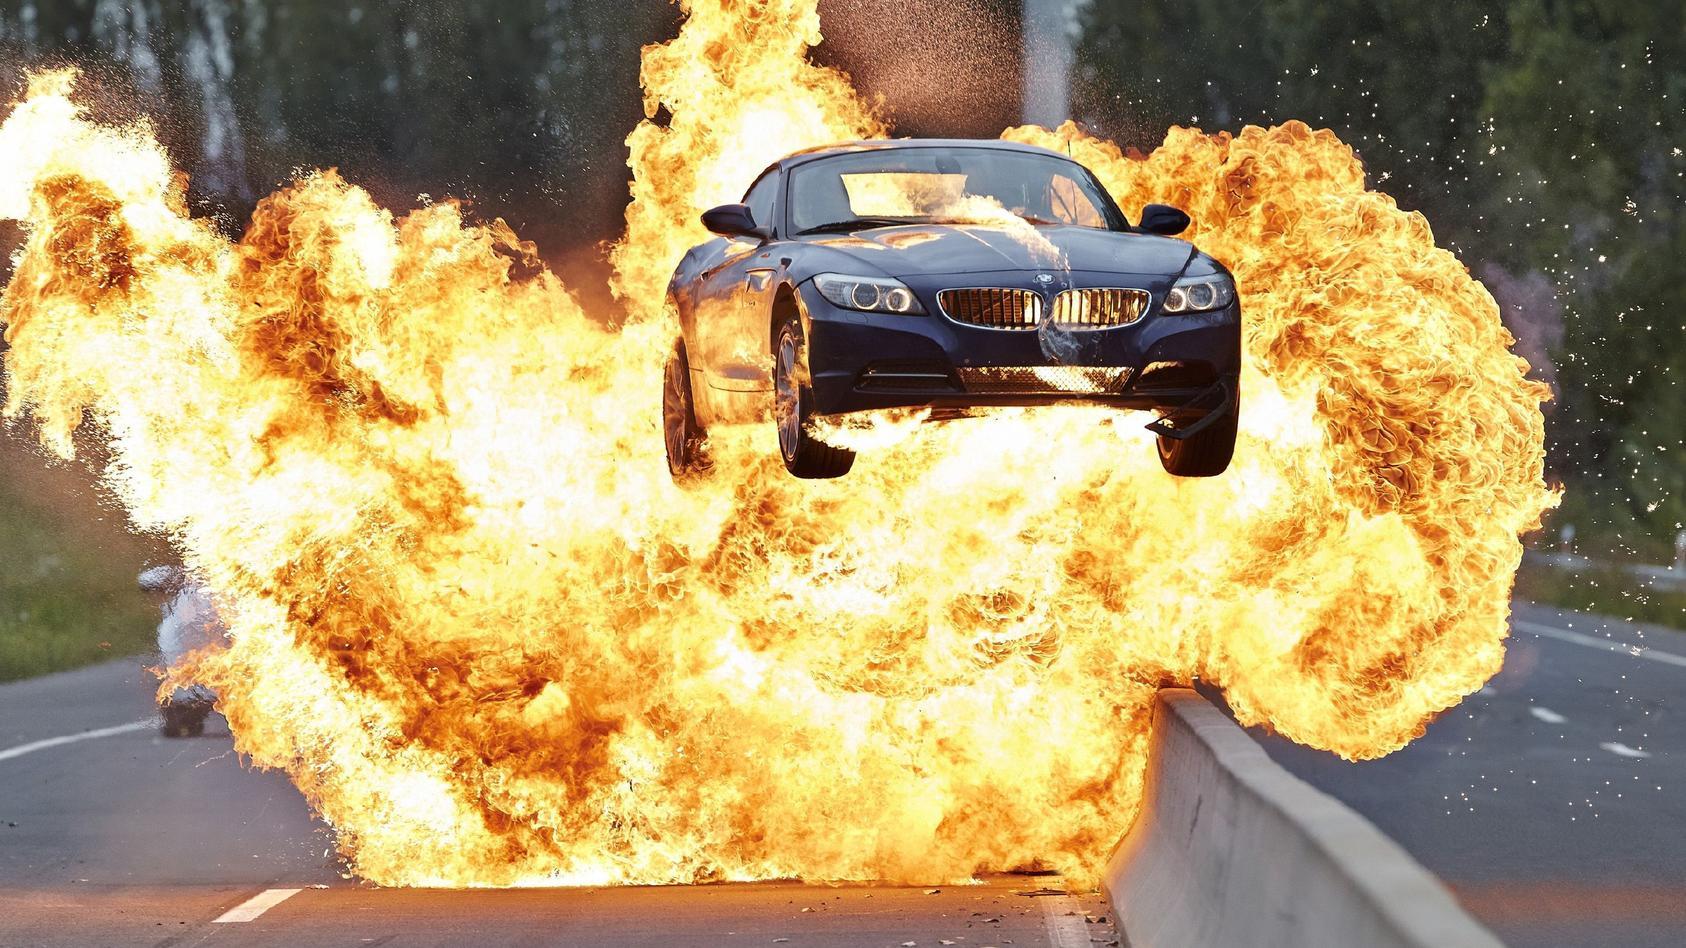 Mit ein bisschen Glück wird dein Auto bei der Cobra in die Luft gesprengt.